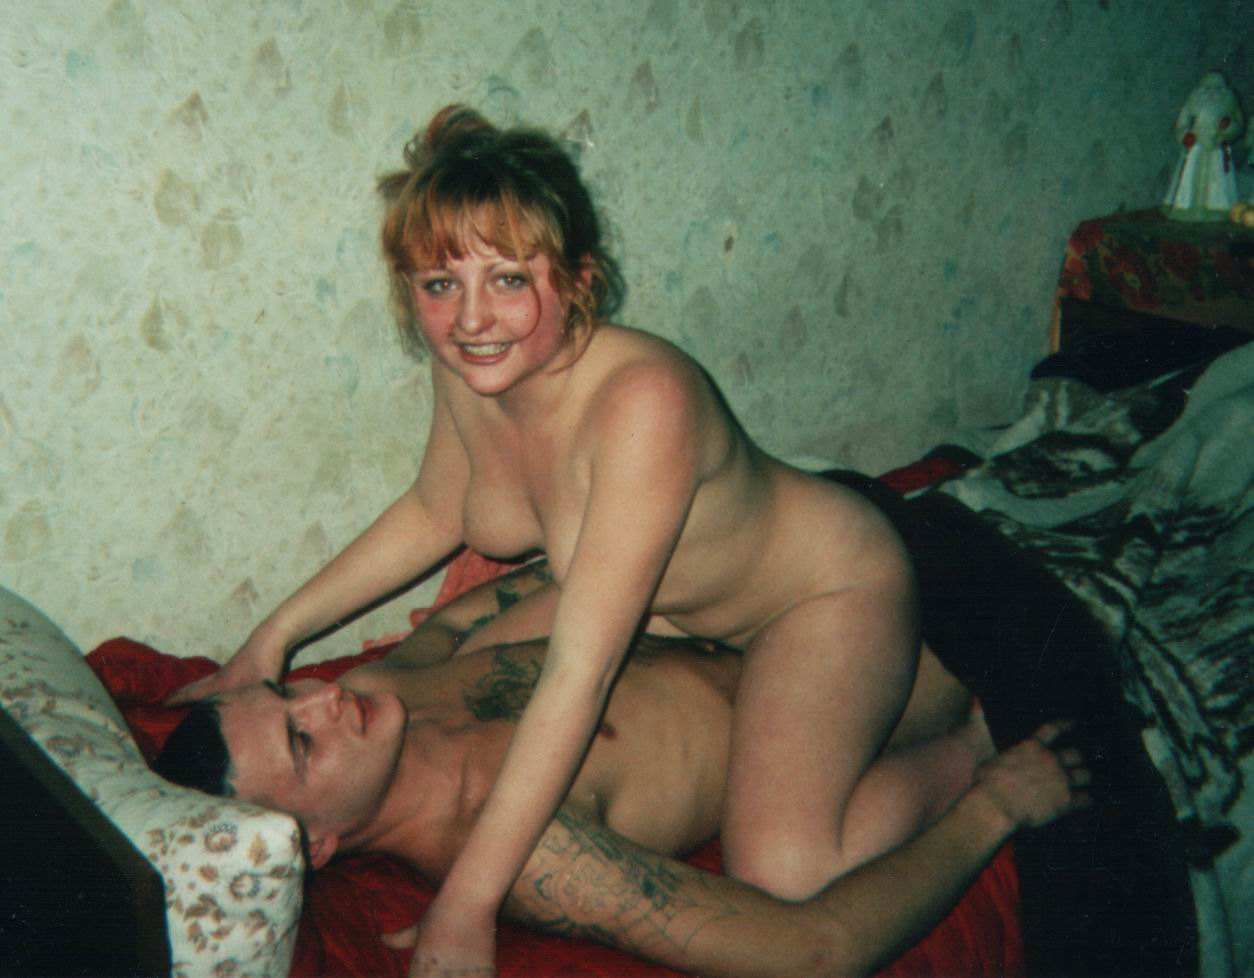 Частное сексуальное фото г смоленск — photo 2